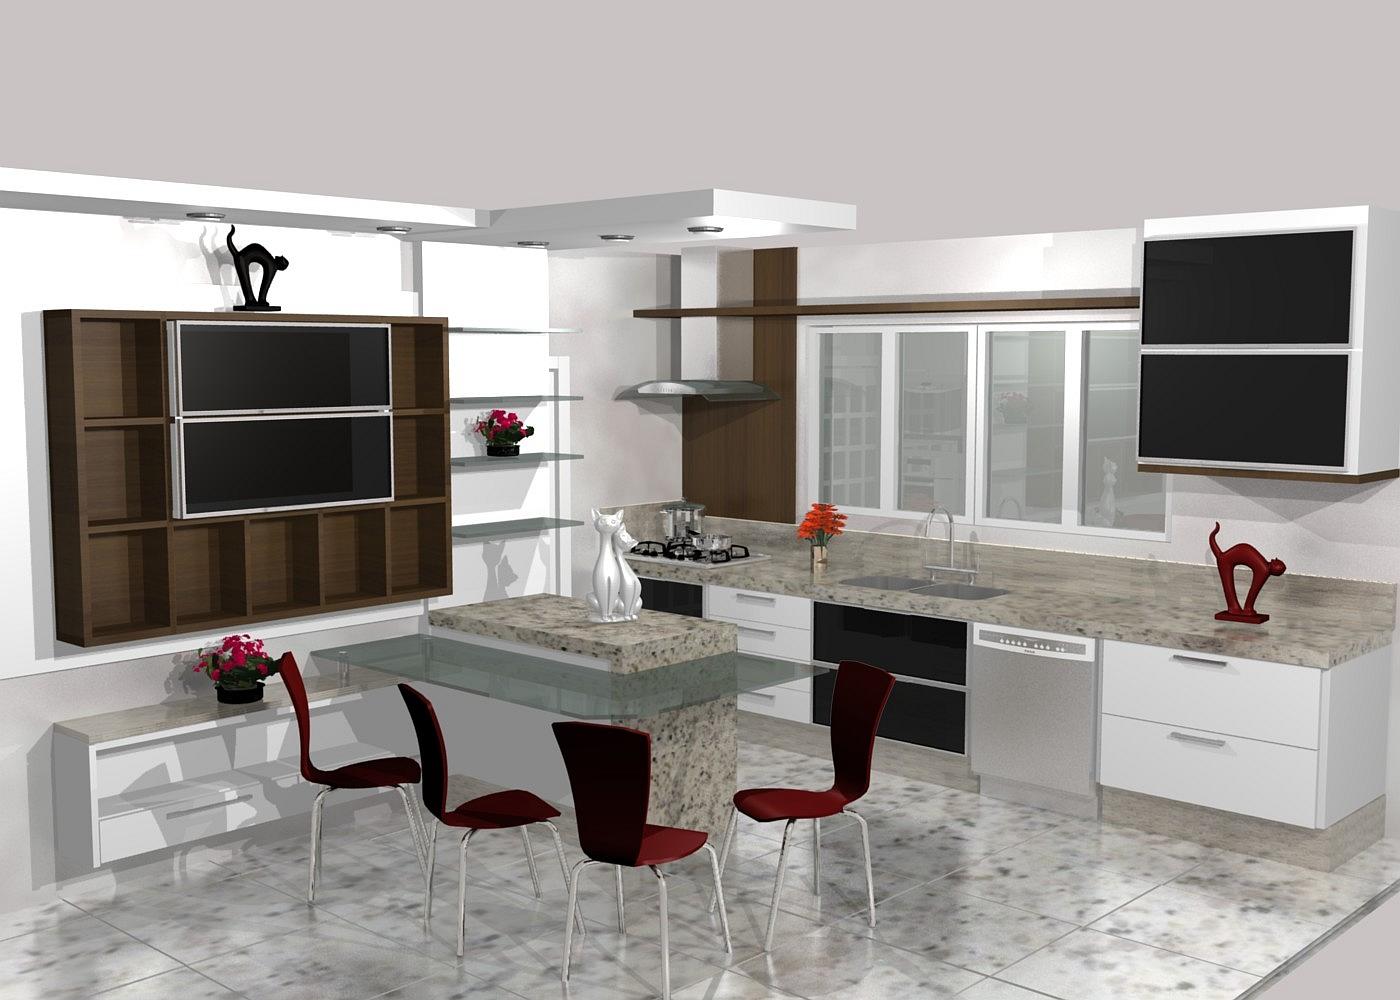 Cozinhas Planejadas Lindos Projetos Cozinha Sob Medida #603B32 1400 1000